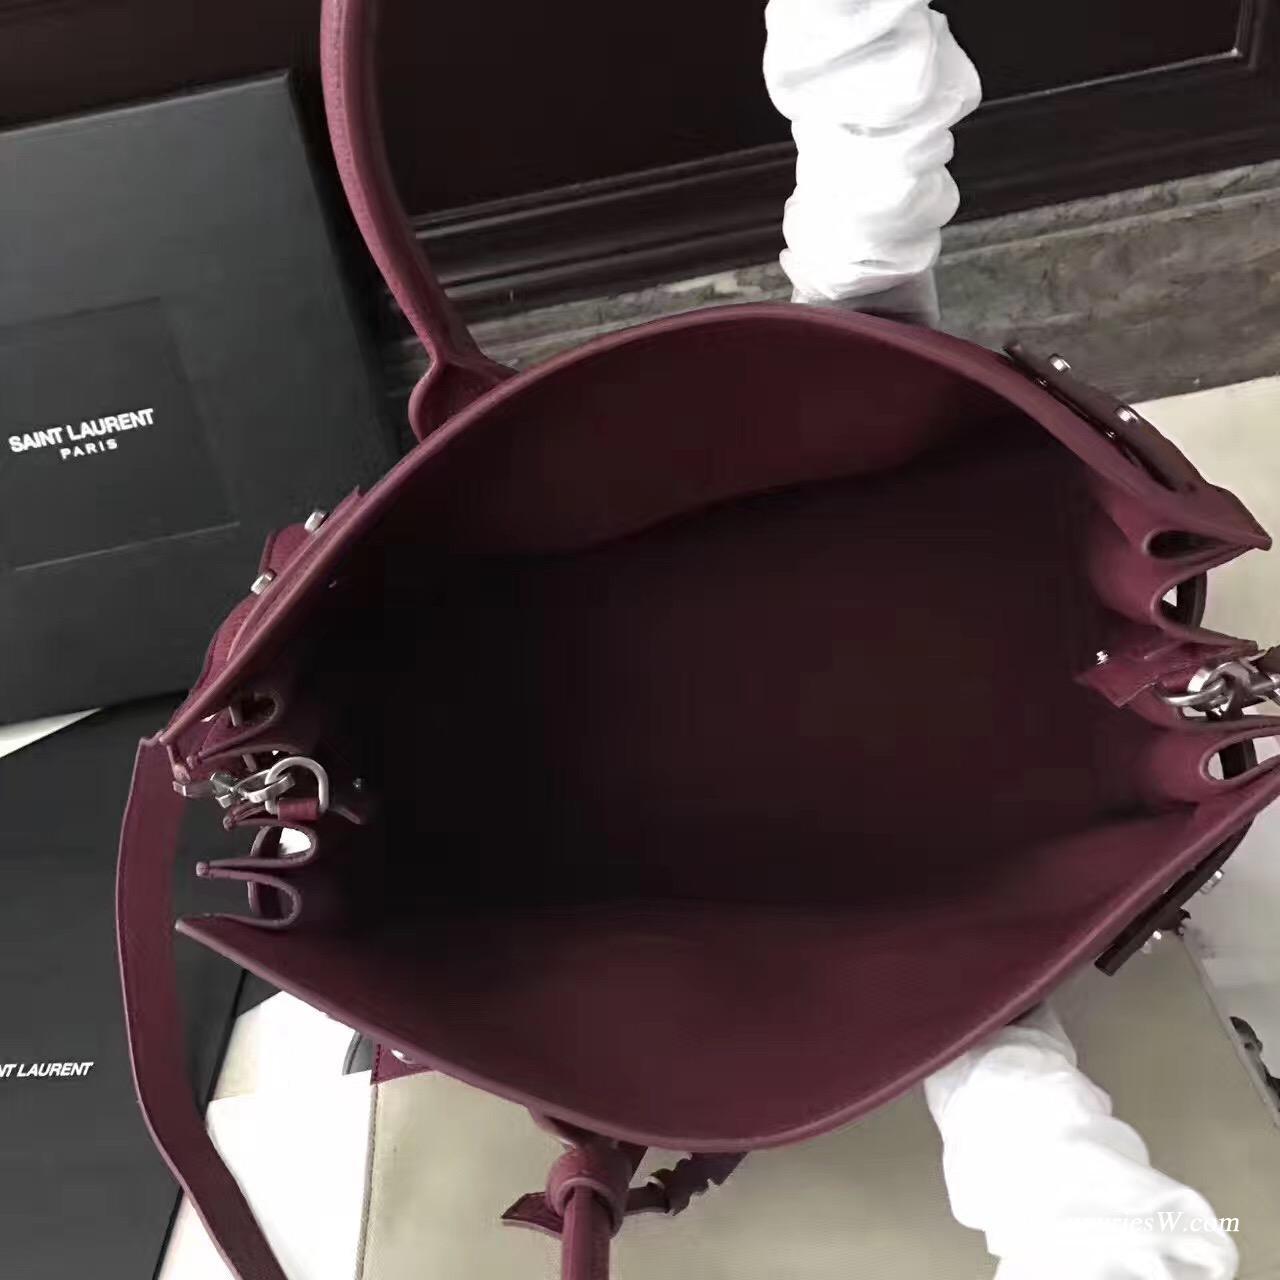 聖羅蘭YSL小号柔和质地SAC DE JOUR包颗粒纹酒红色真皮包